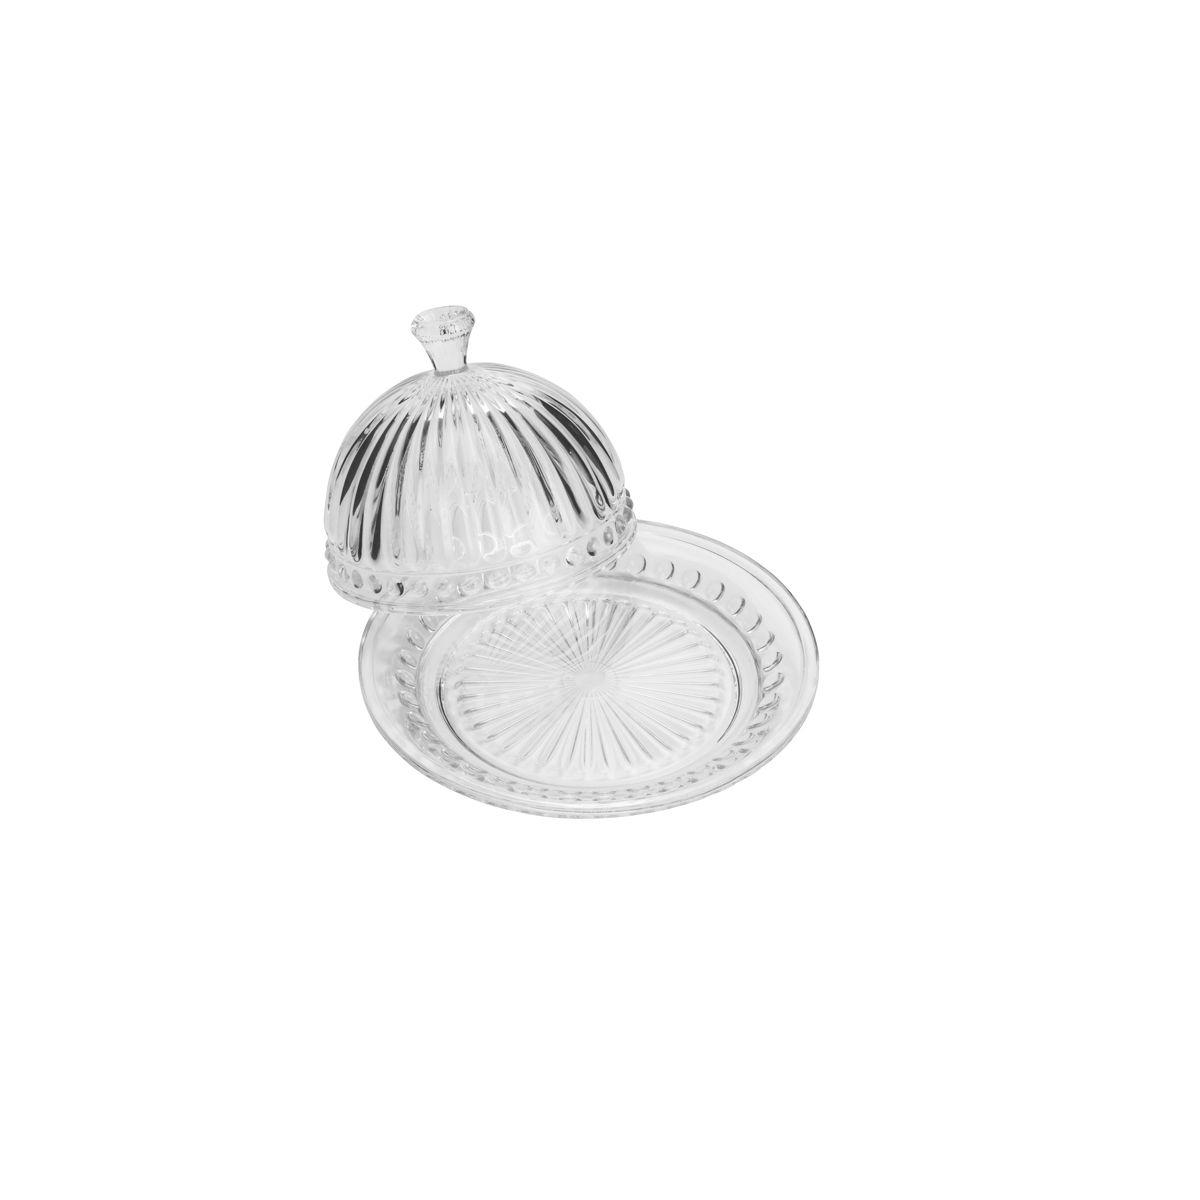 Queijeira 20 cm de cristal transparente com tampa Empire Lyor- L7404